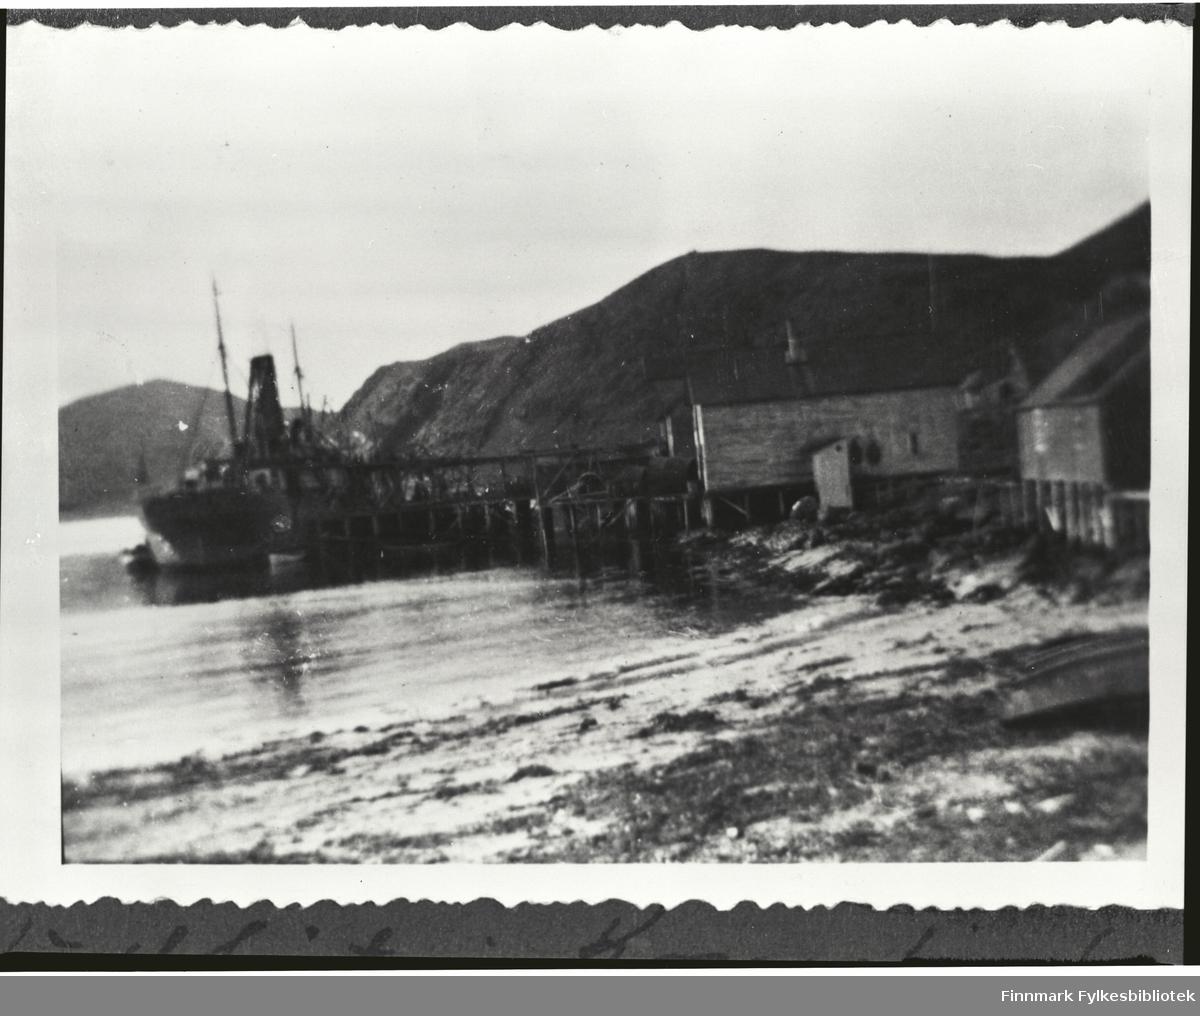 Kullbåt ved Guldbrandsenkaia. Helt til høyre 'Rødbua' som ble brukt til rensing av dun. Ved siden av doet lå trandamperiet.